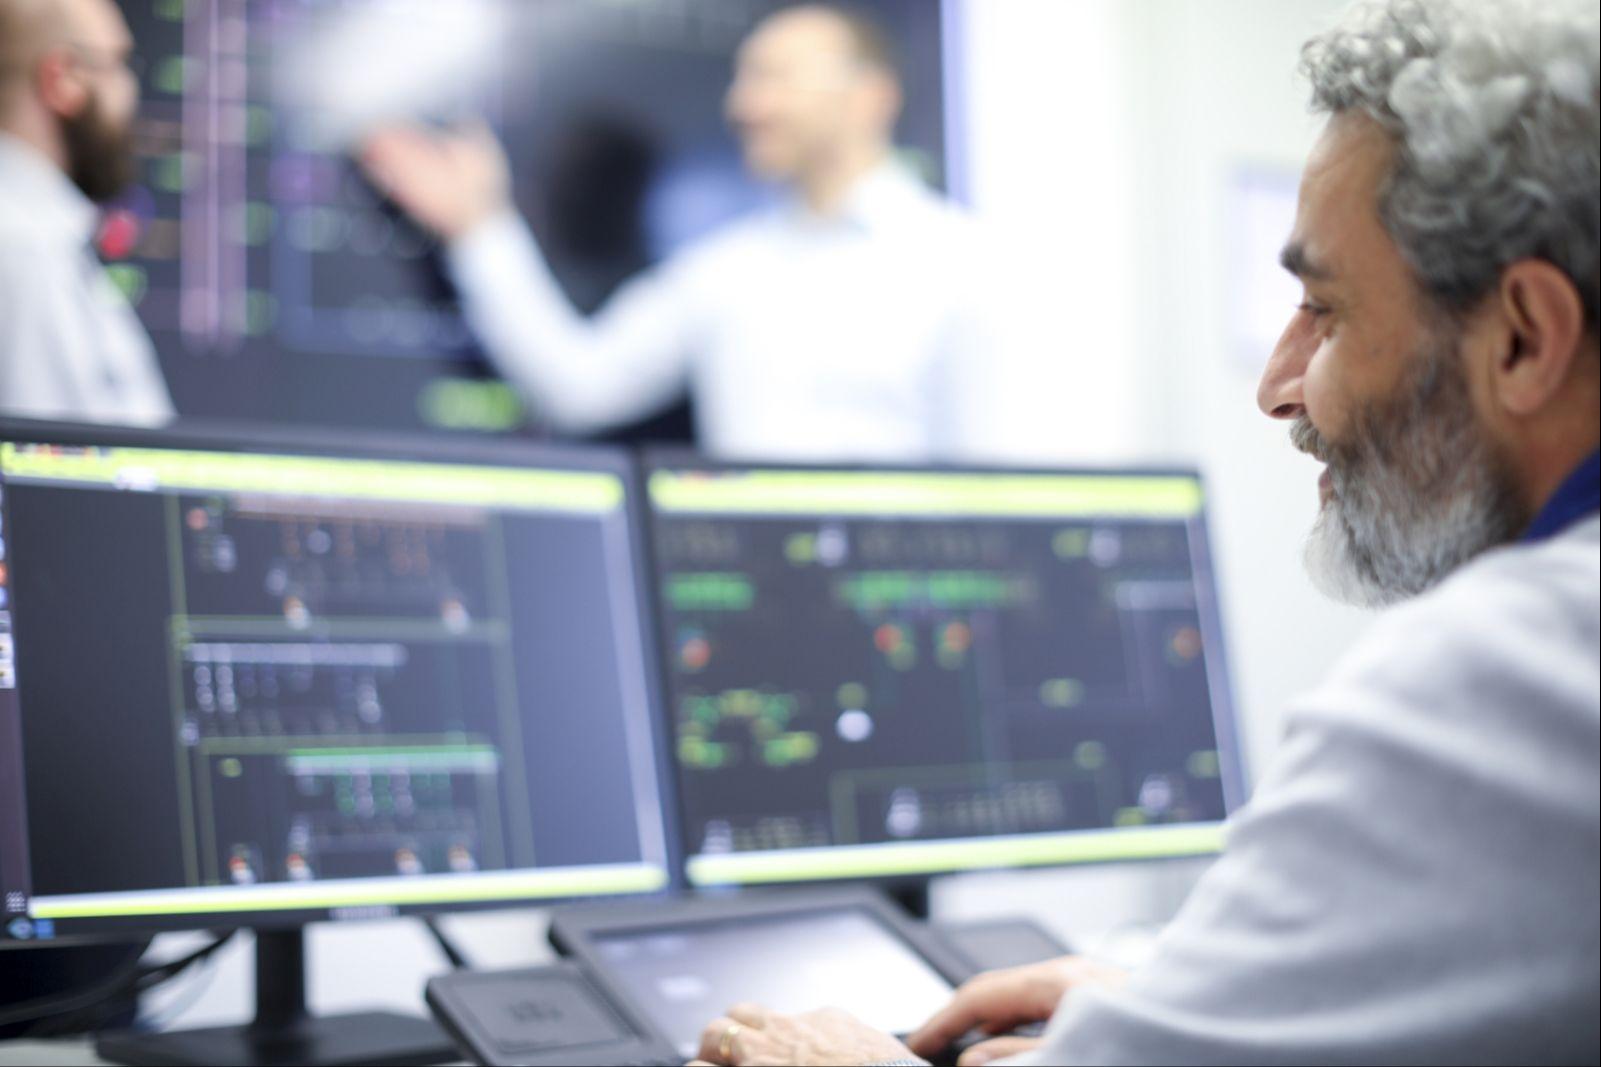 Projektmitarbeiter forschen im Rahmen von NetzDatenStrom am Institut für Informatik (OFFIS) in Oldenburg im Forschungsleitstand des SESA-Labors.